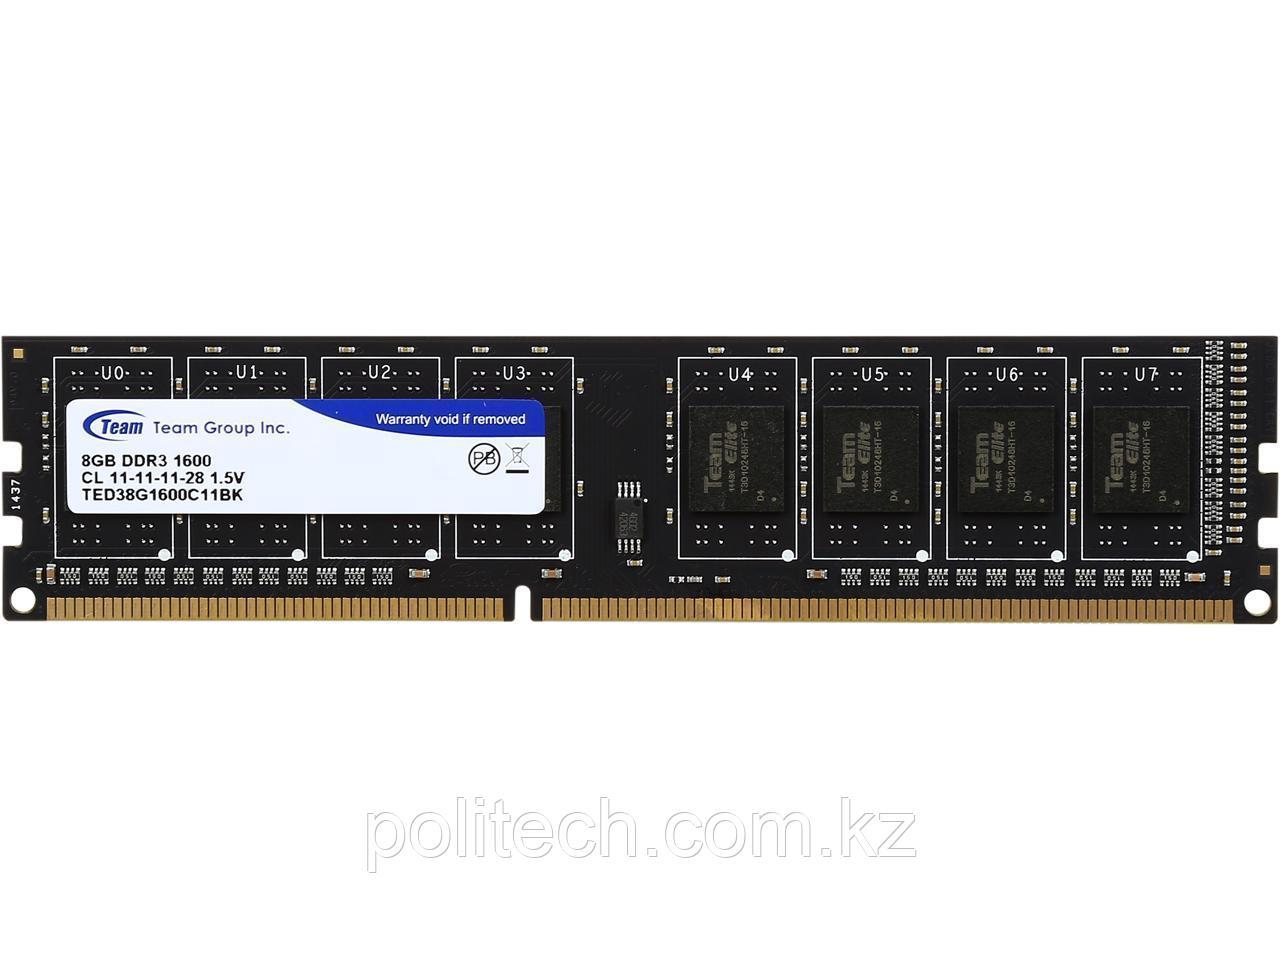 8Gb DDR3/1600 TED38G1600C1101 Team